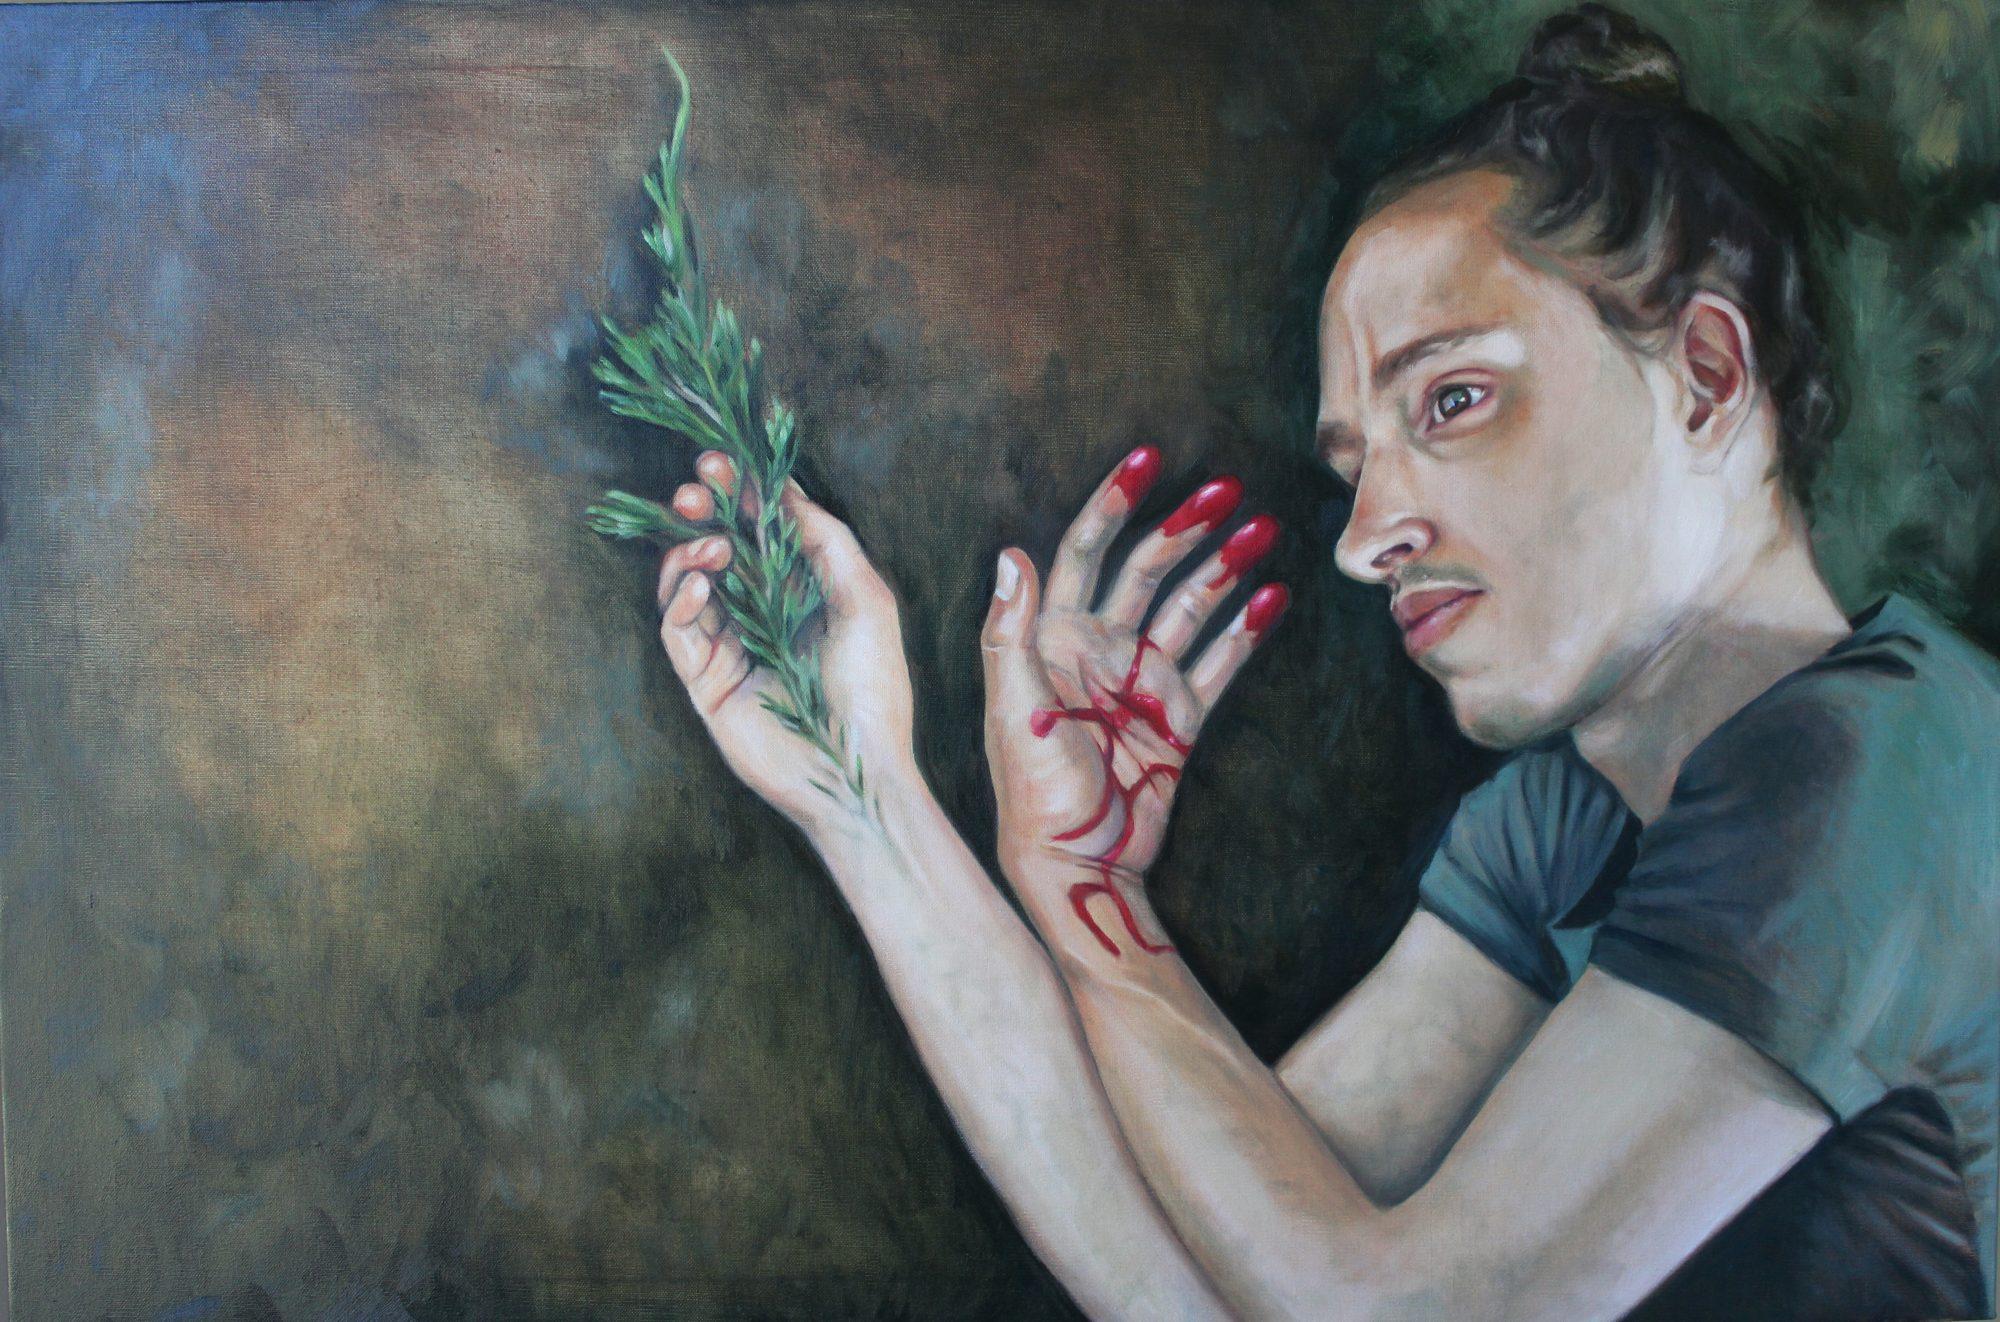 Natasha Zraikat Life In Death The Lament Of Cyparissus